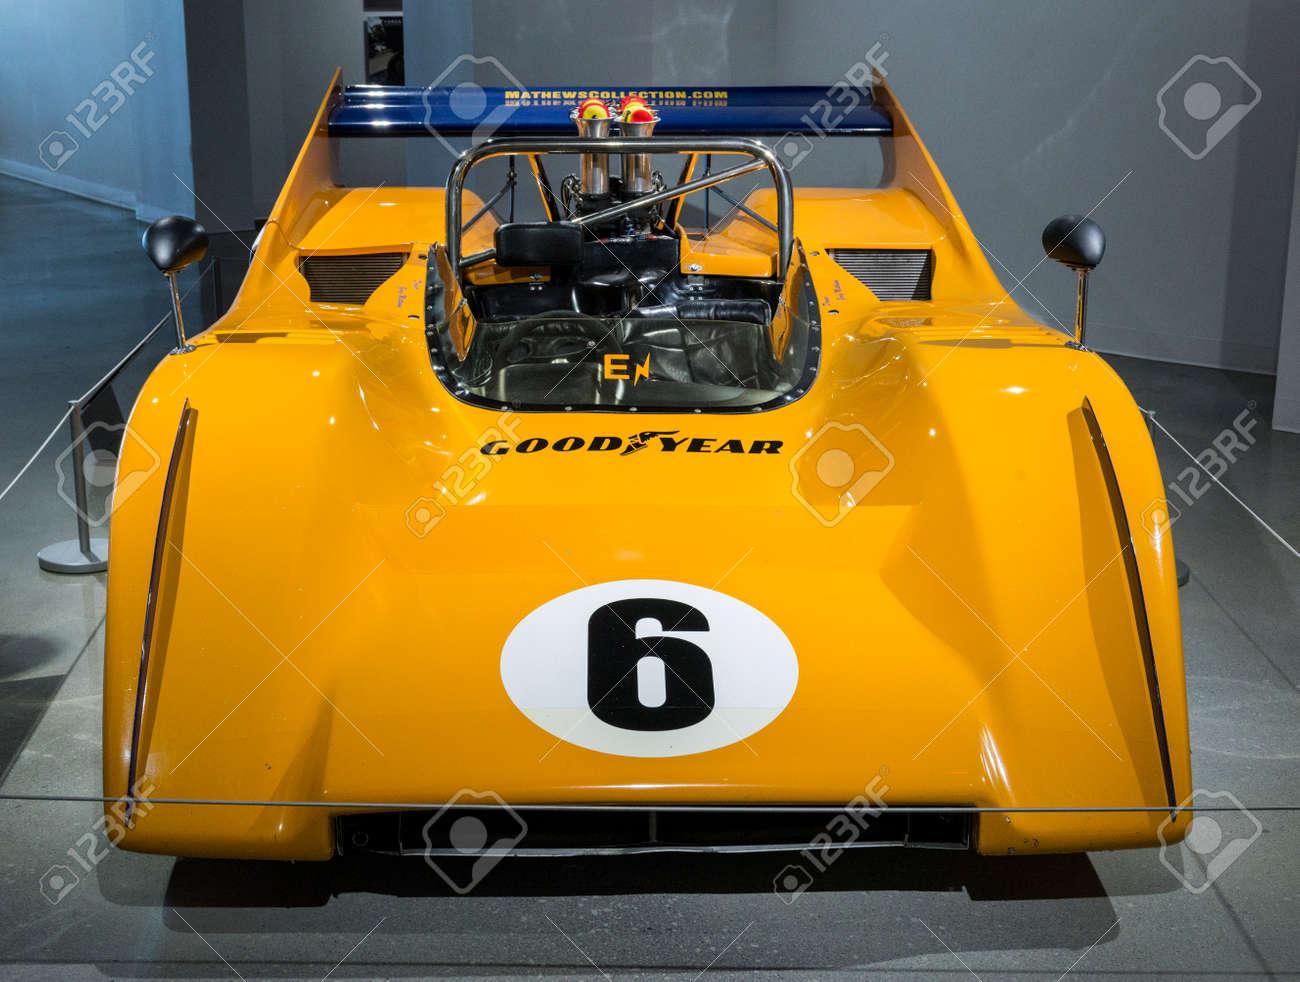 the mclaren m8a was a race car developeddriver bruce mclaren